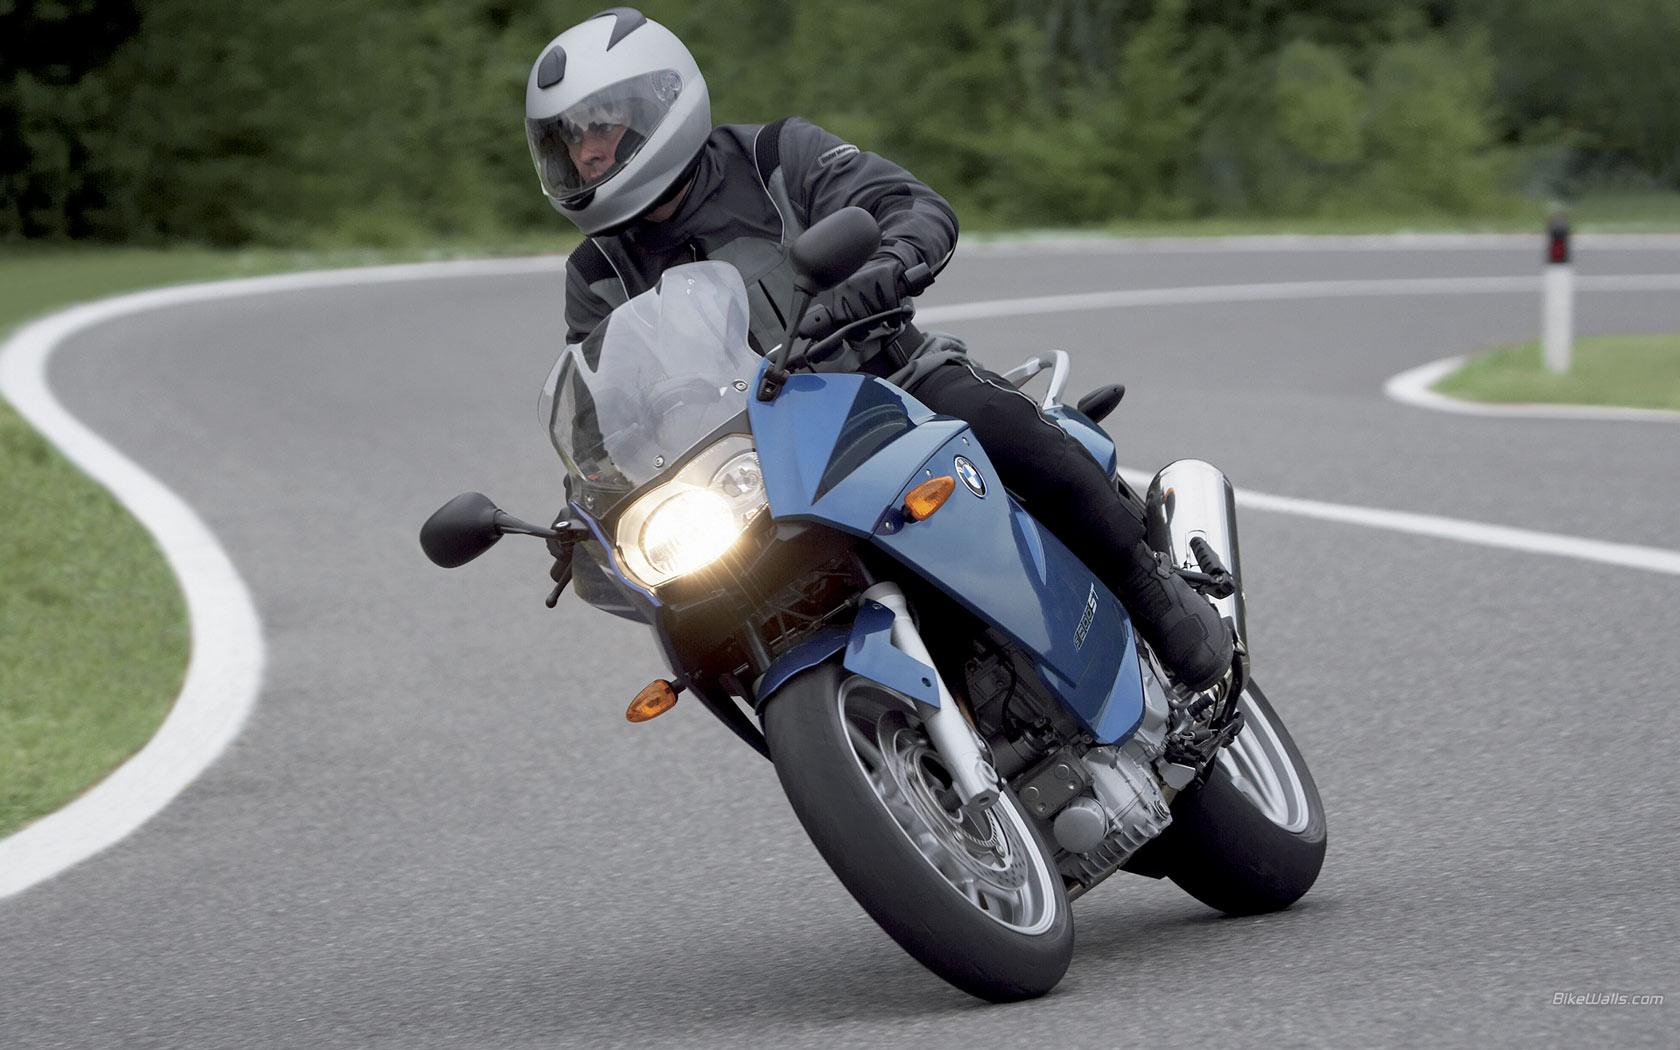 BMW_F_800_ST_2006_29_1680x1050.jpg